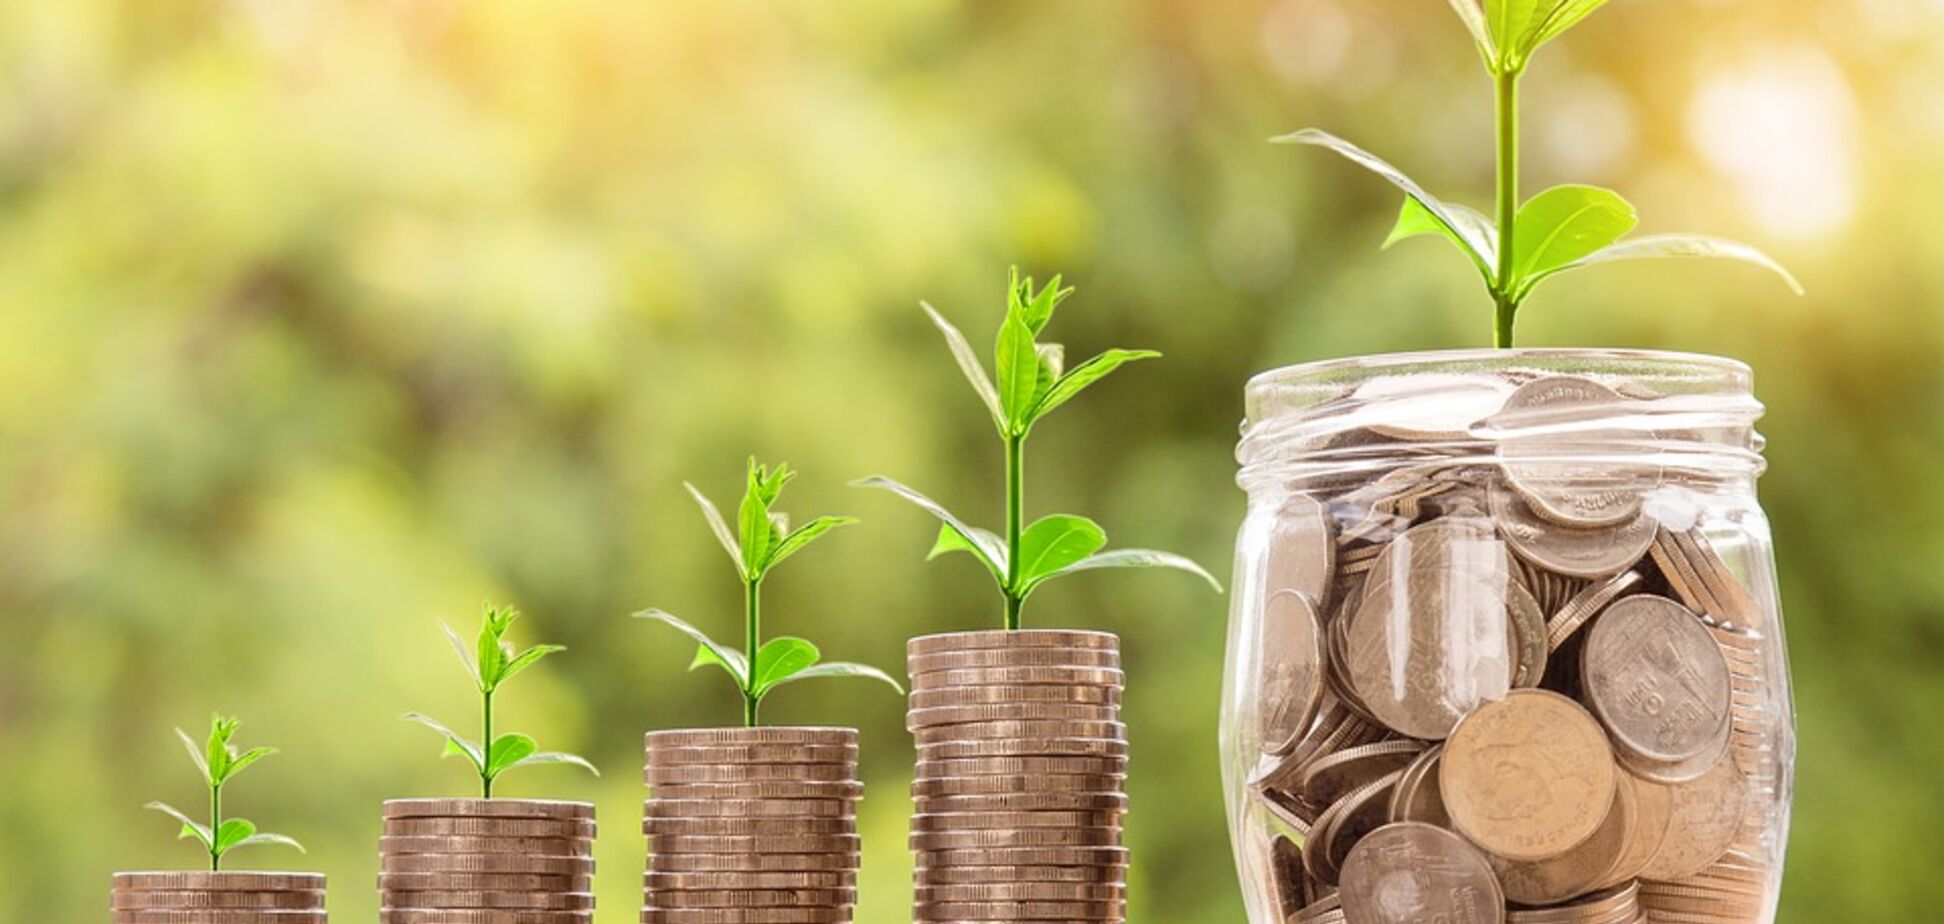 Як безкоштовно перевірити кредитну історію в Дніпрі і покращити рейтинг